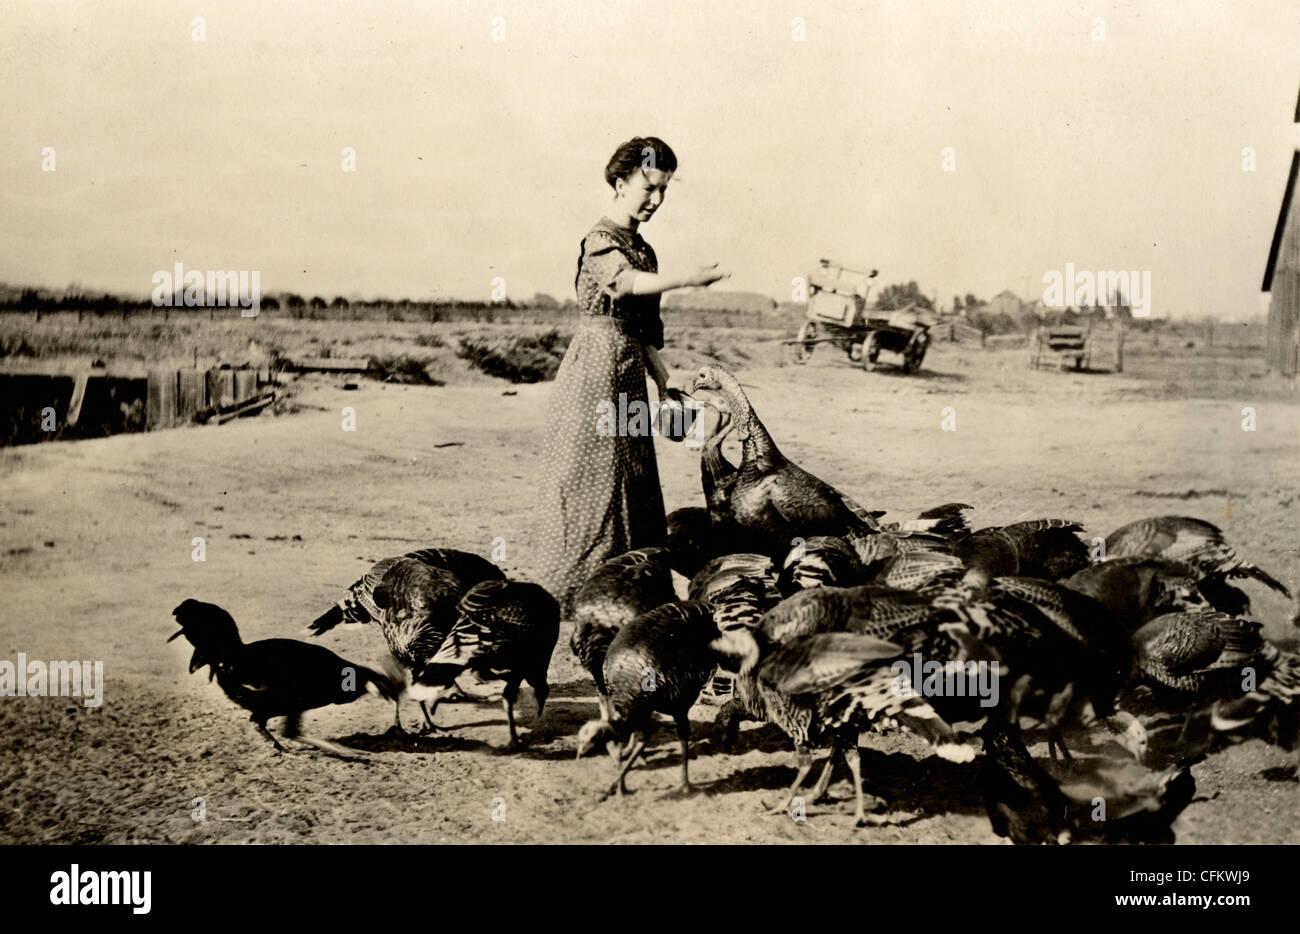 La esposa del agricultor Alimentar a Turquía Grey Imagen De Stock